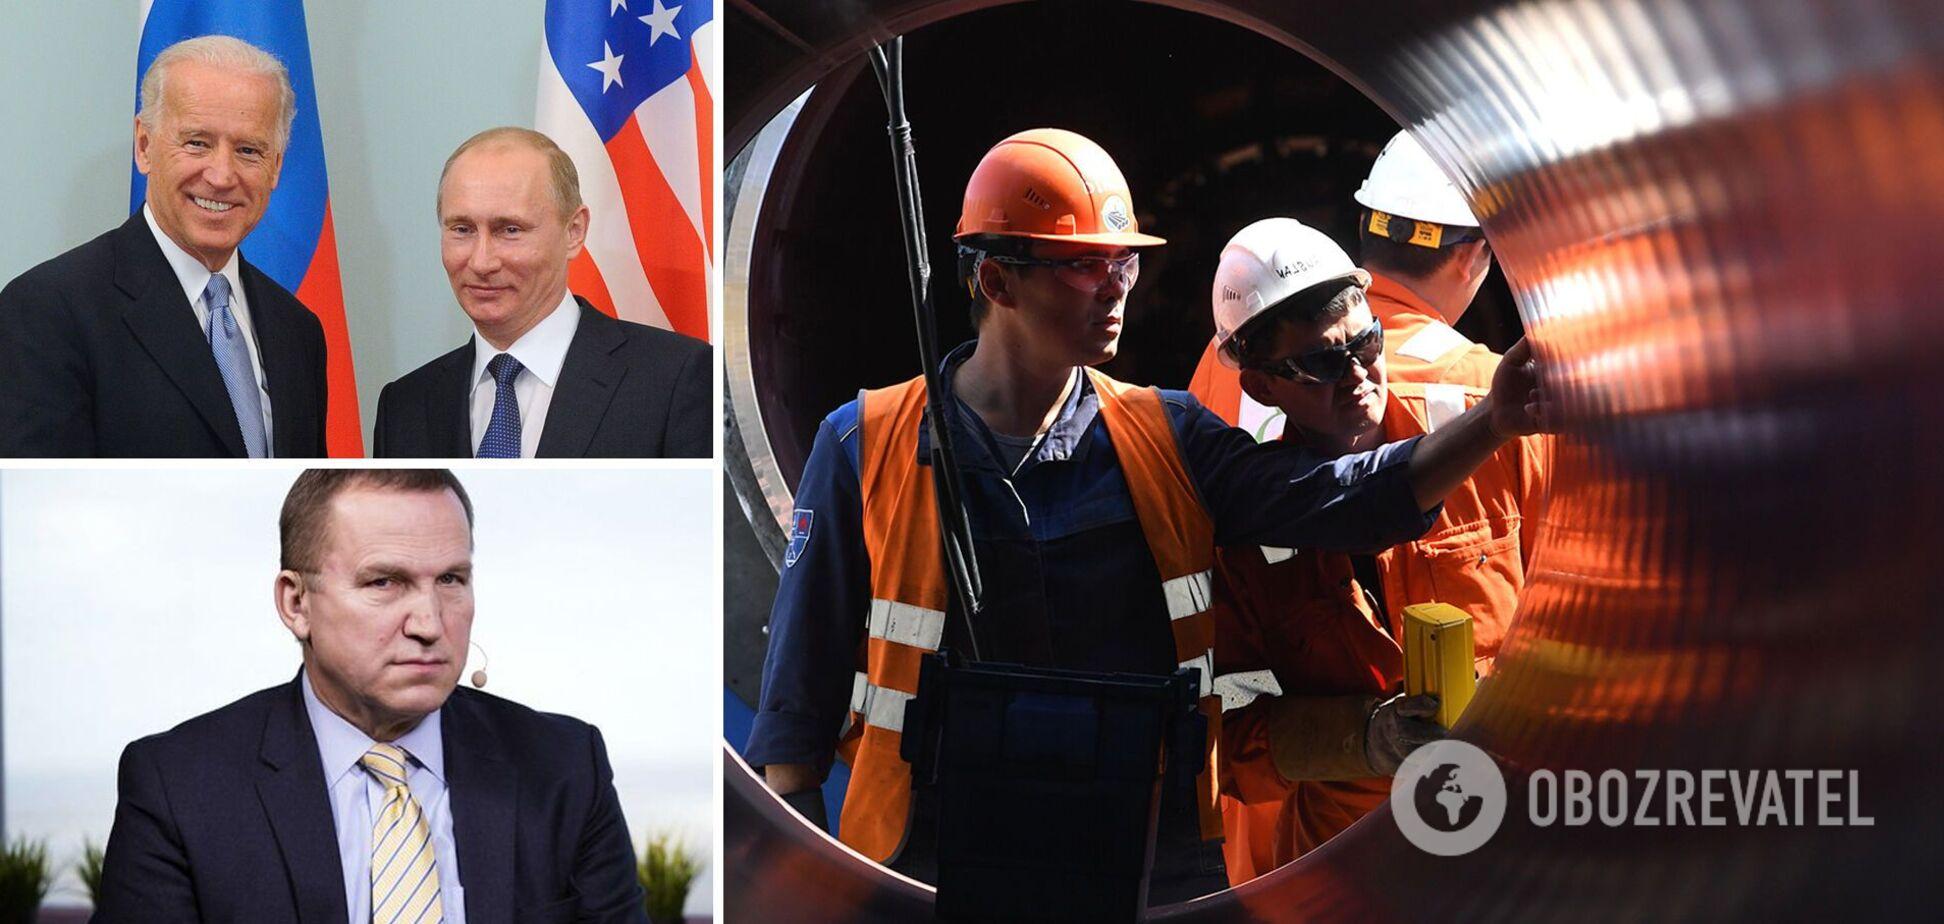 ЕкспосолУкраїни в США Олександр Моцик розповів про Північний потік-2 та зустріч Байдена і Путіна